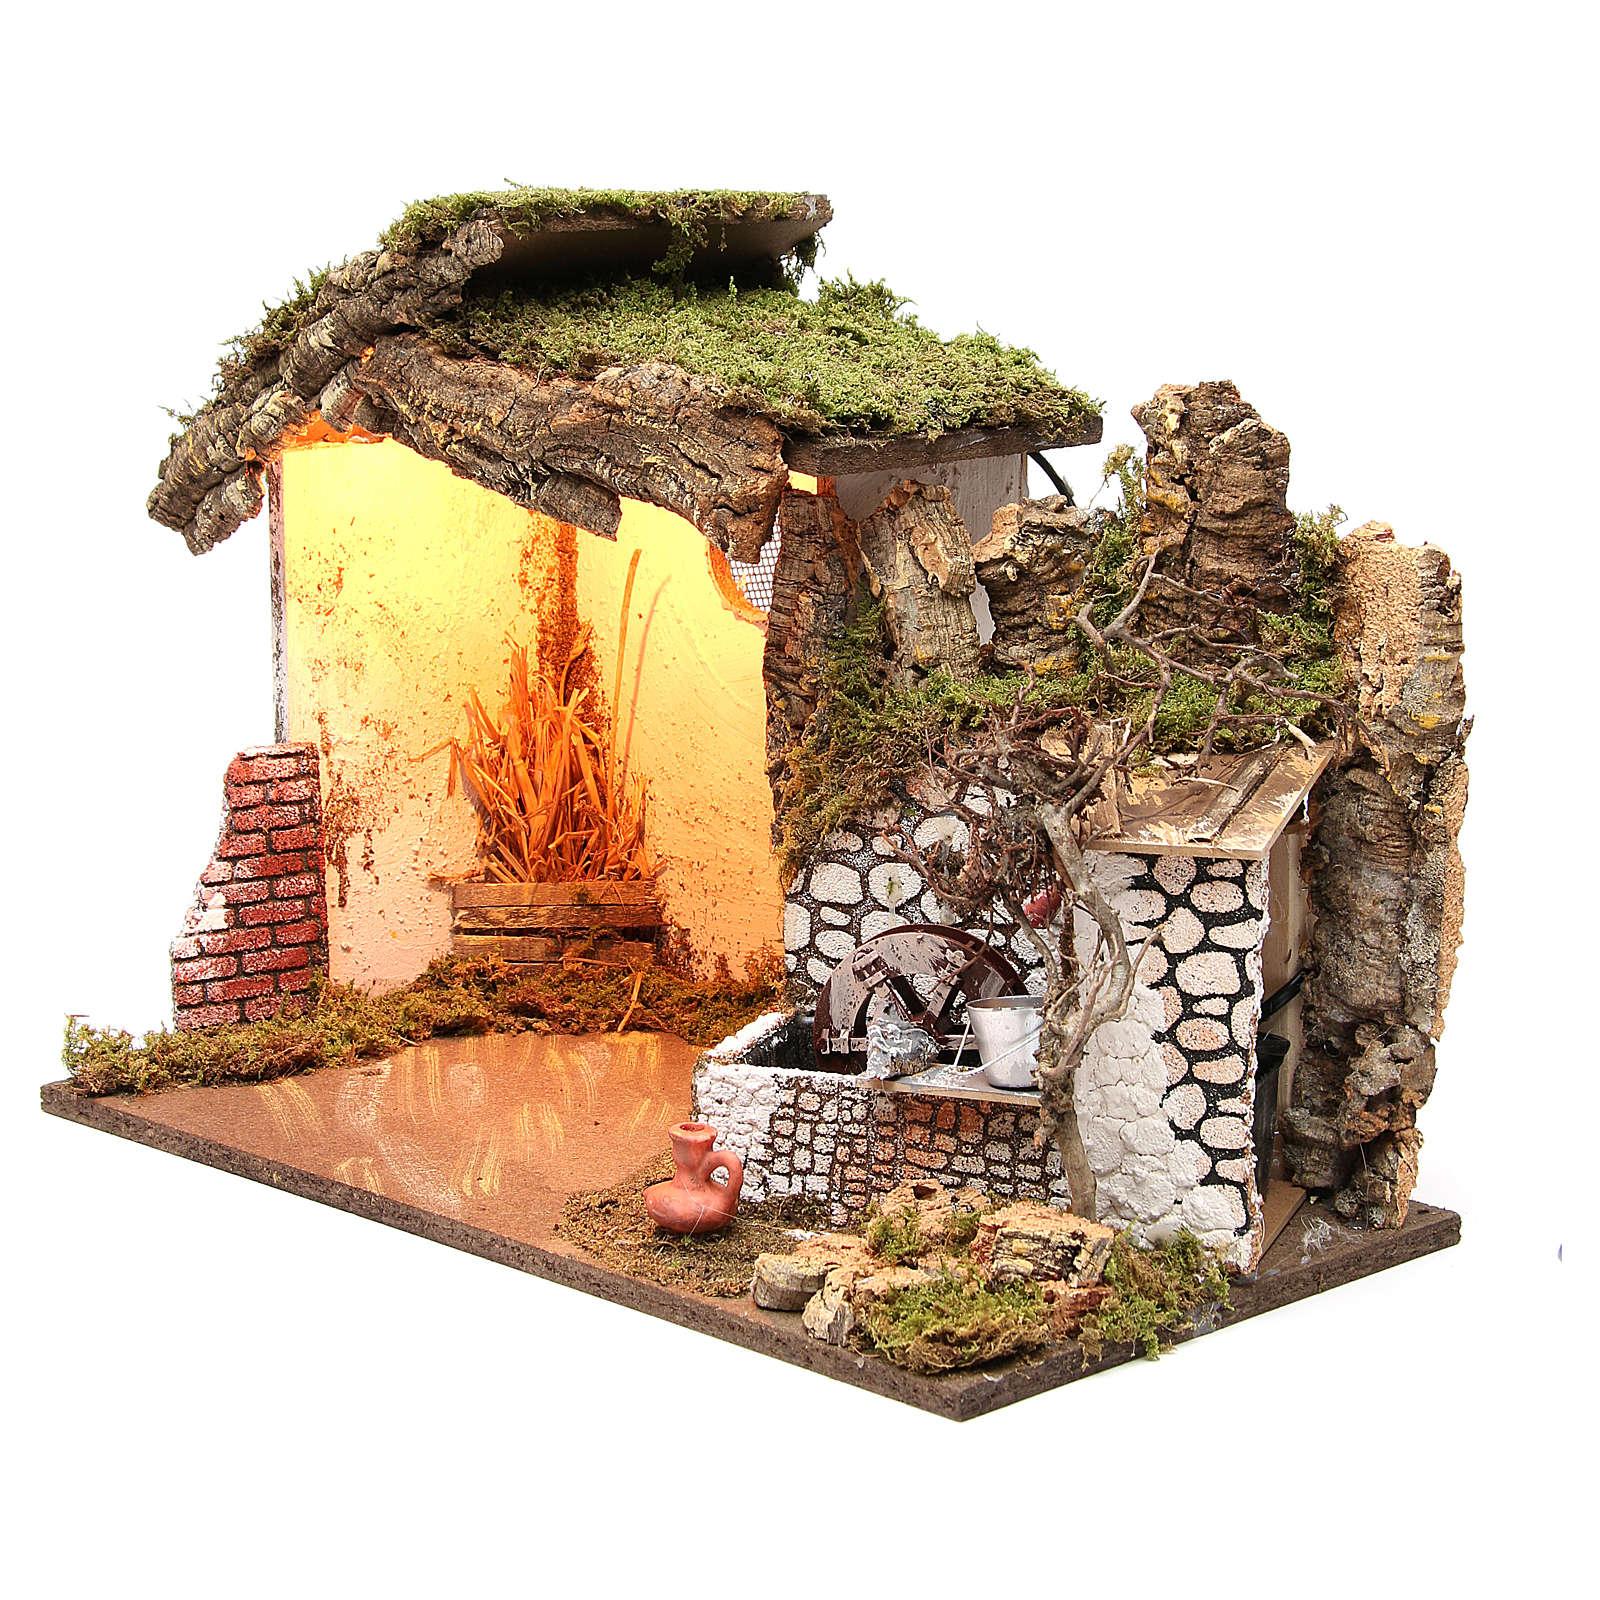 Cabane crèche illuminée 36x50x26 cm avec moulin à eau 4